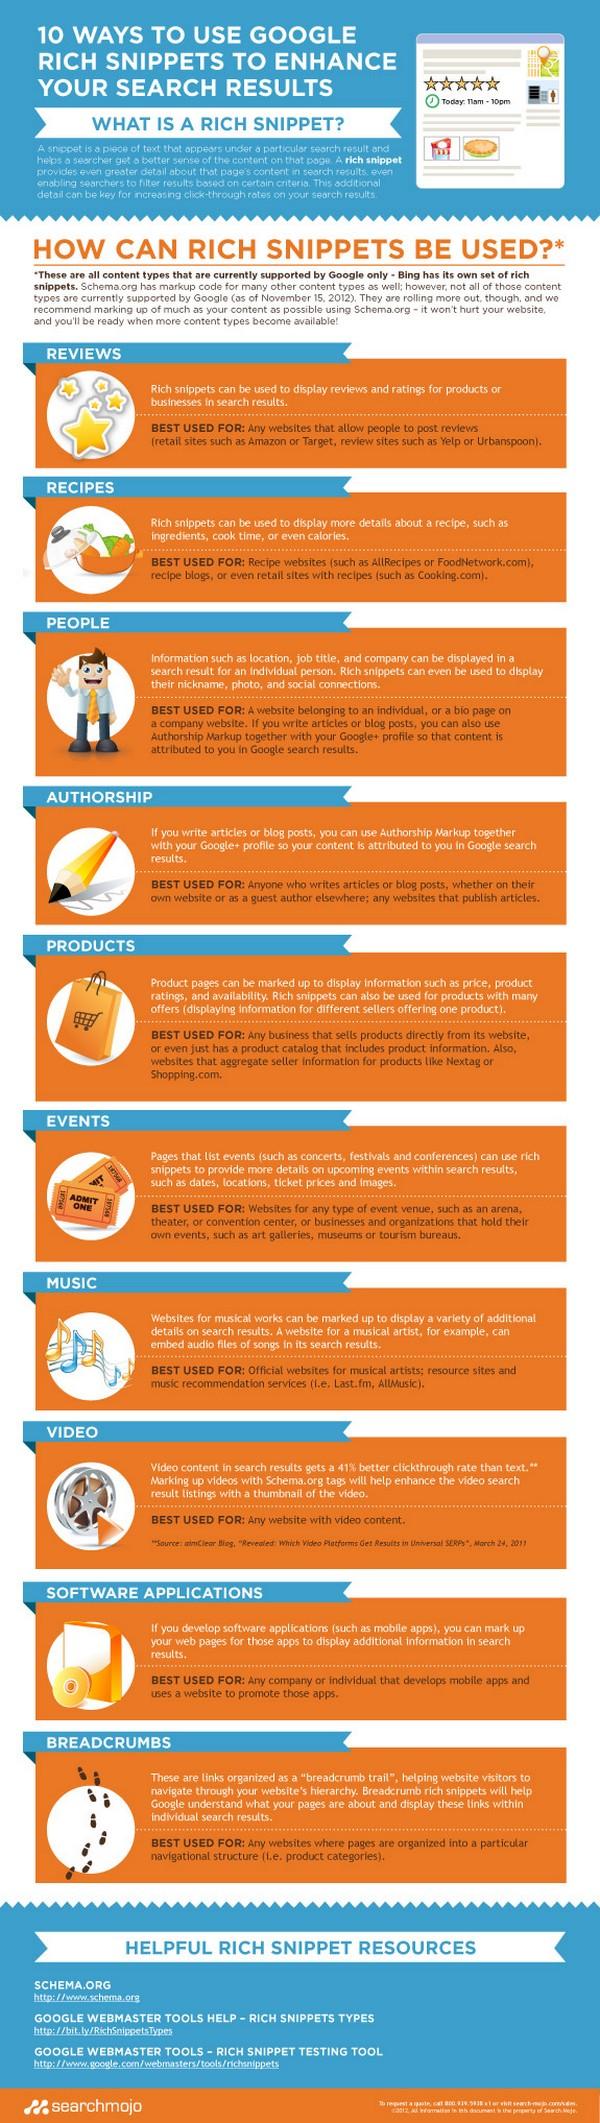 Infographie 10 conseils pour utiliser les rich snippets